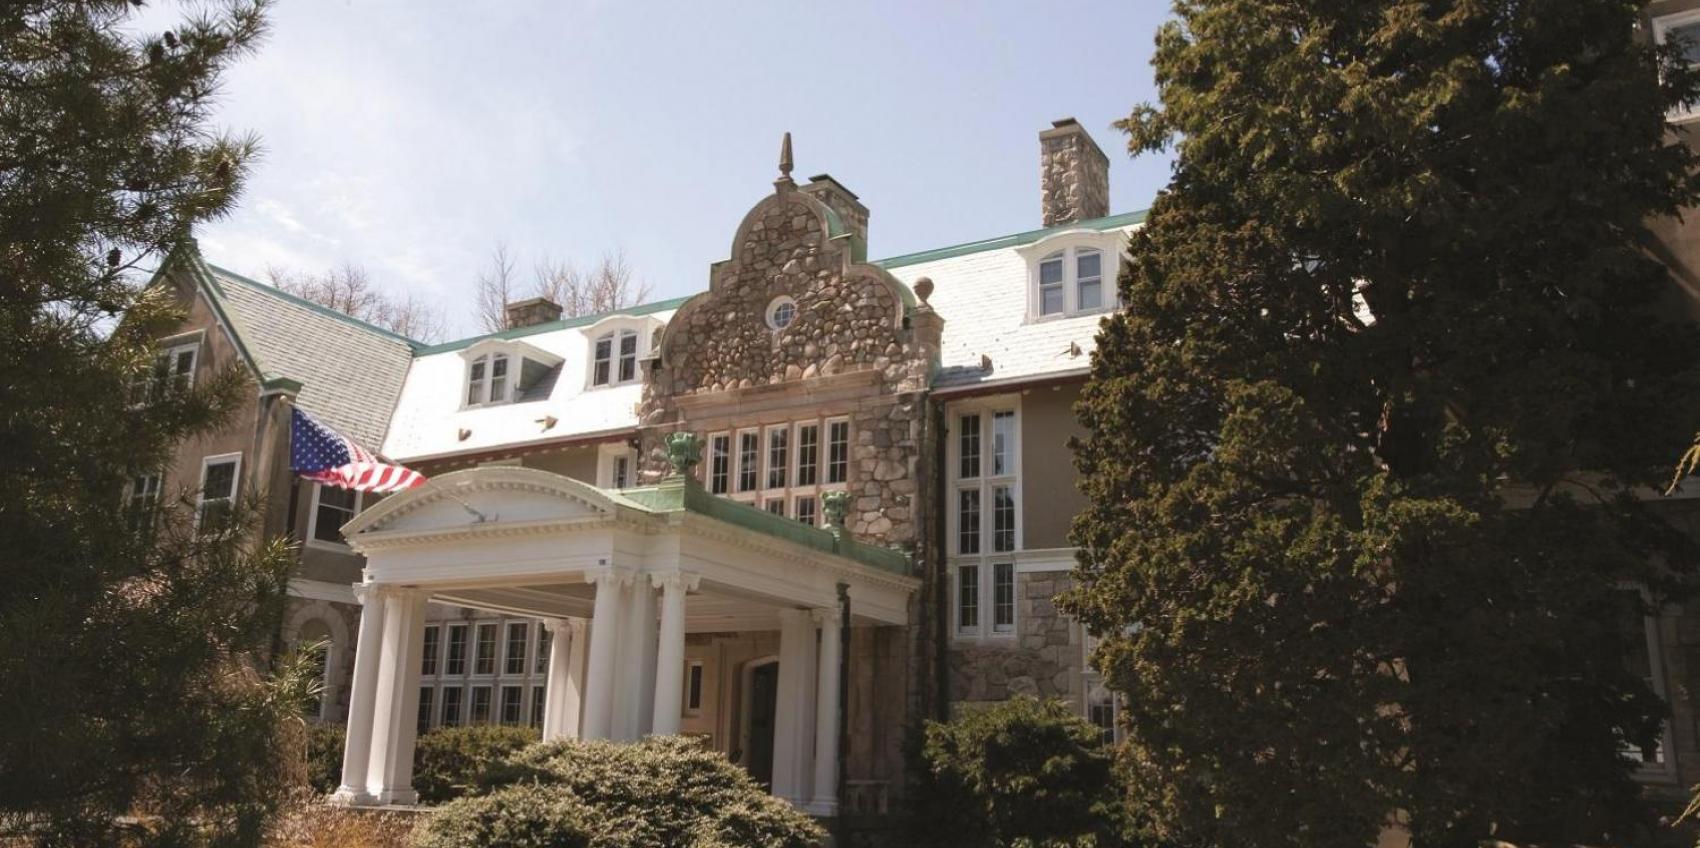 Blithewold mansion gardens arboretum american public gardens association for Blithewold mansion gardens arboretum